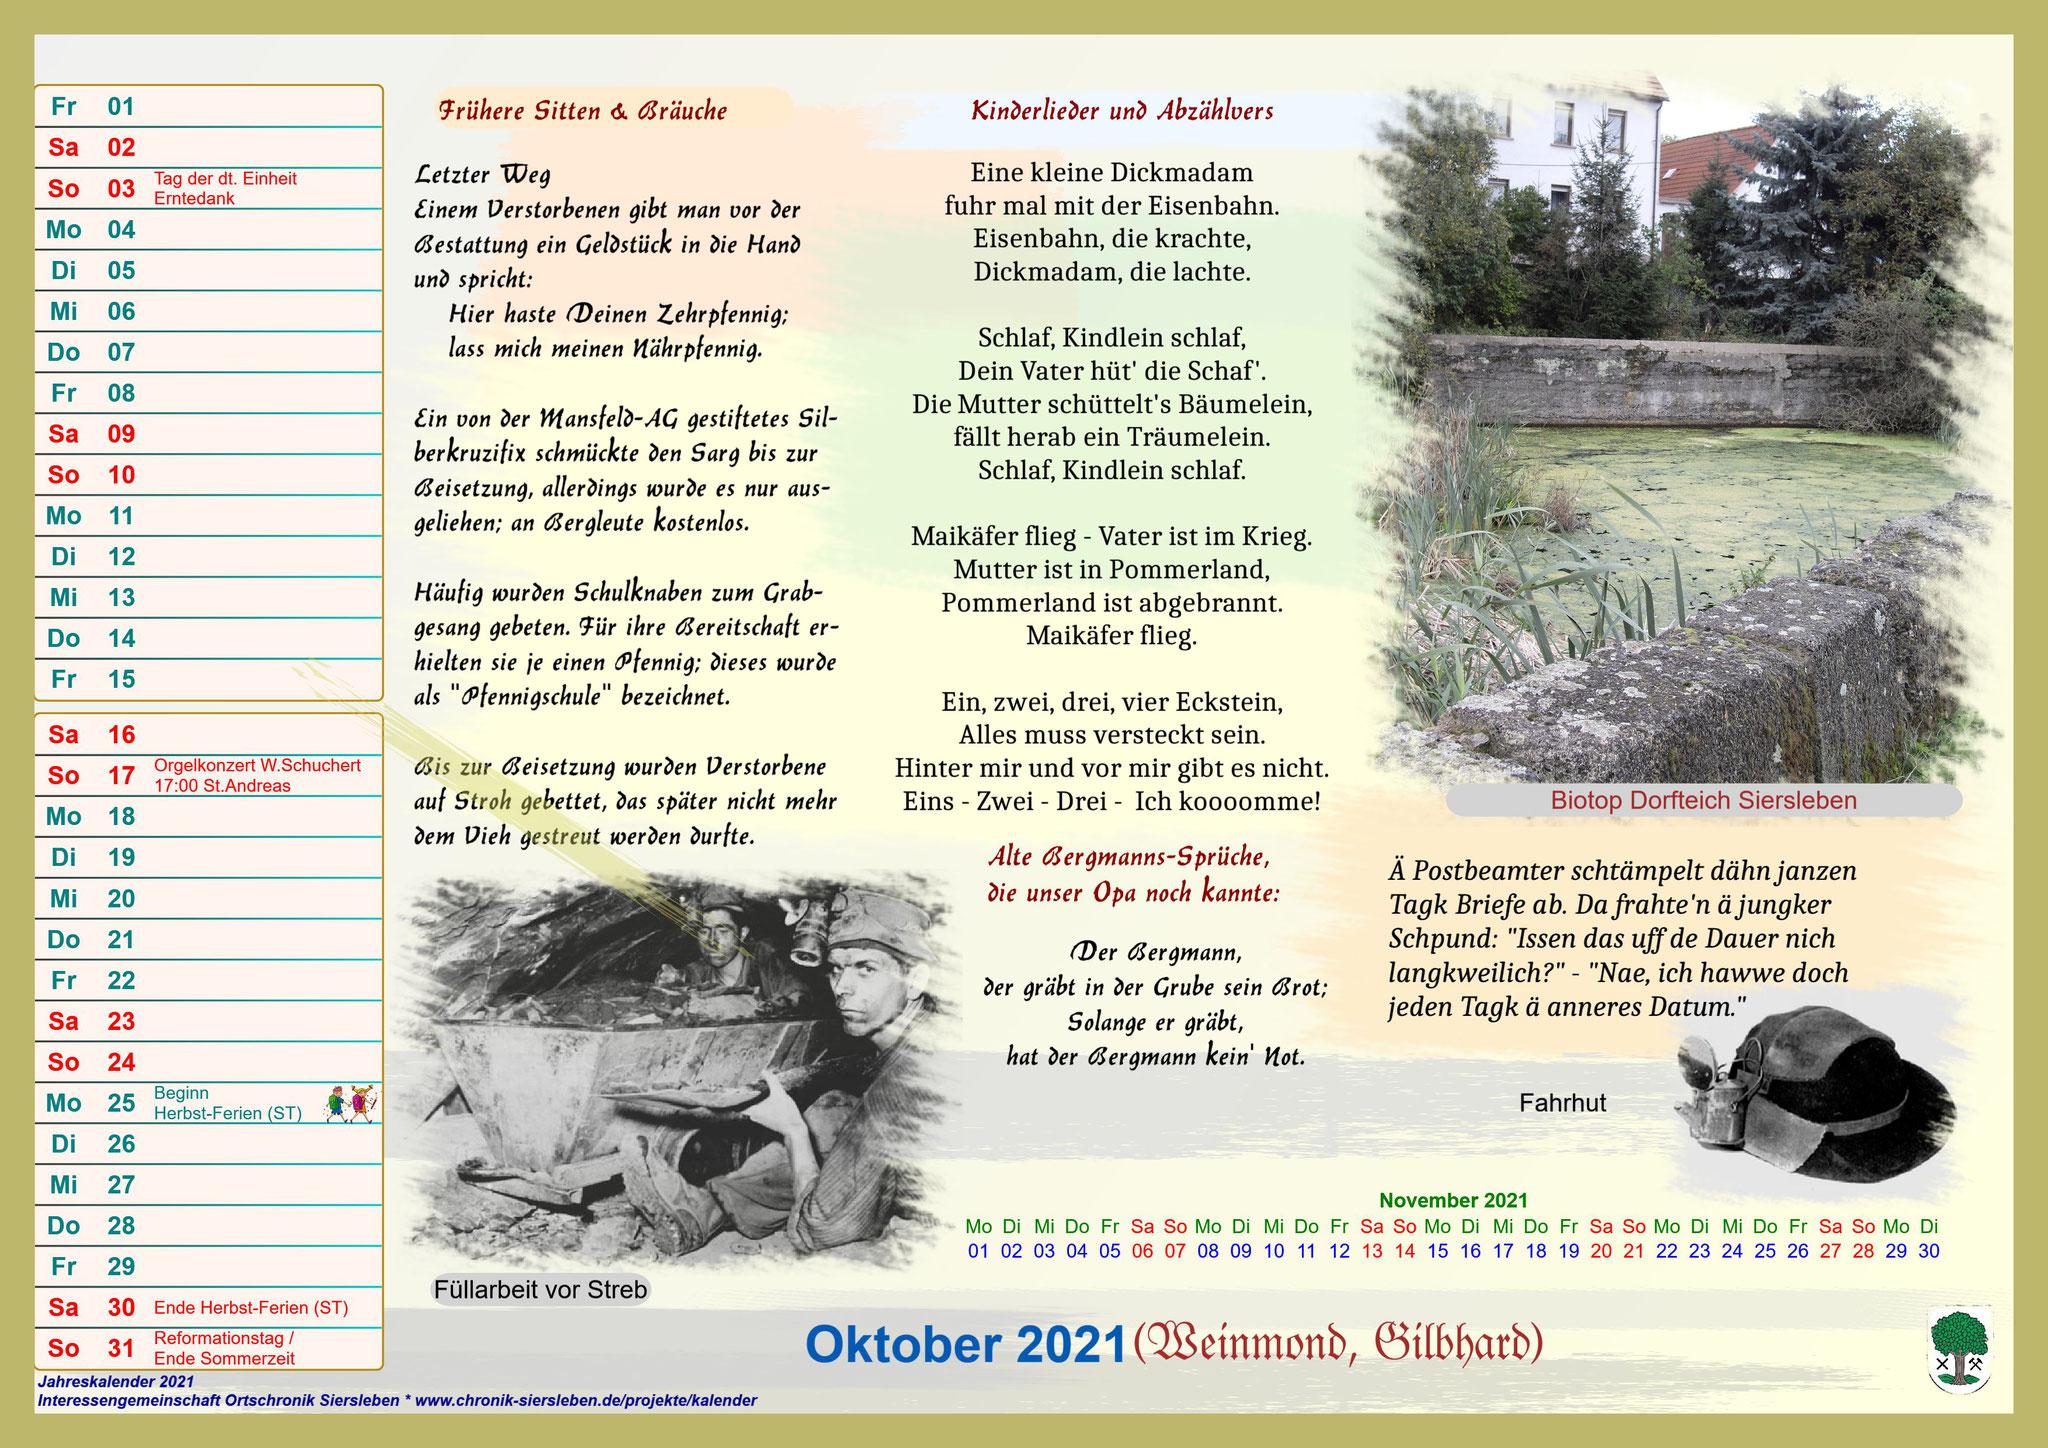 Jahreskalender 2021; Oktober